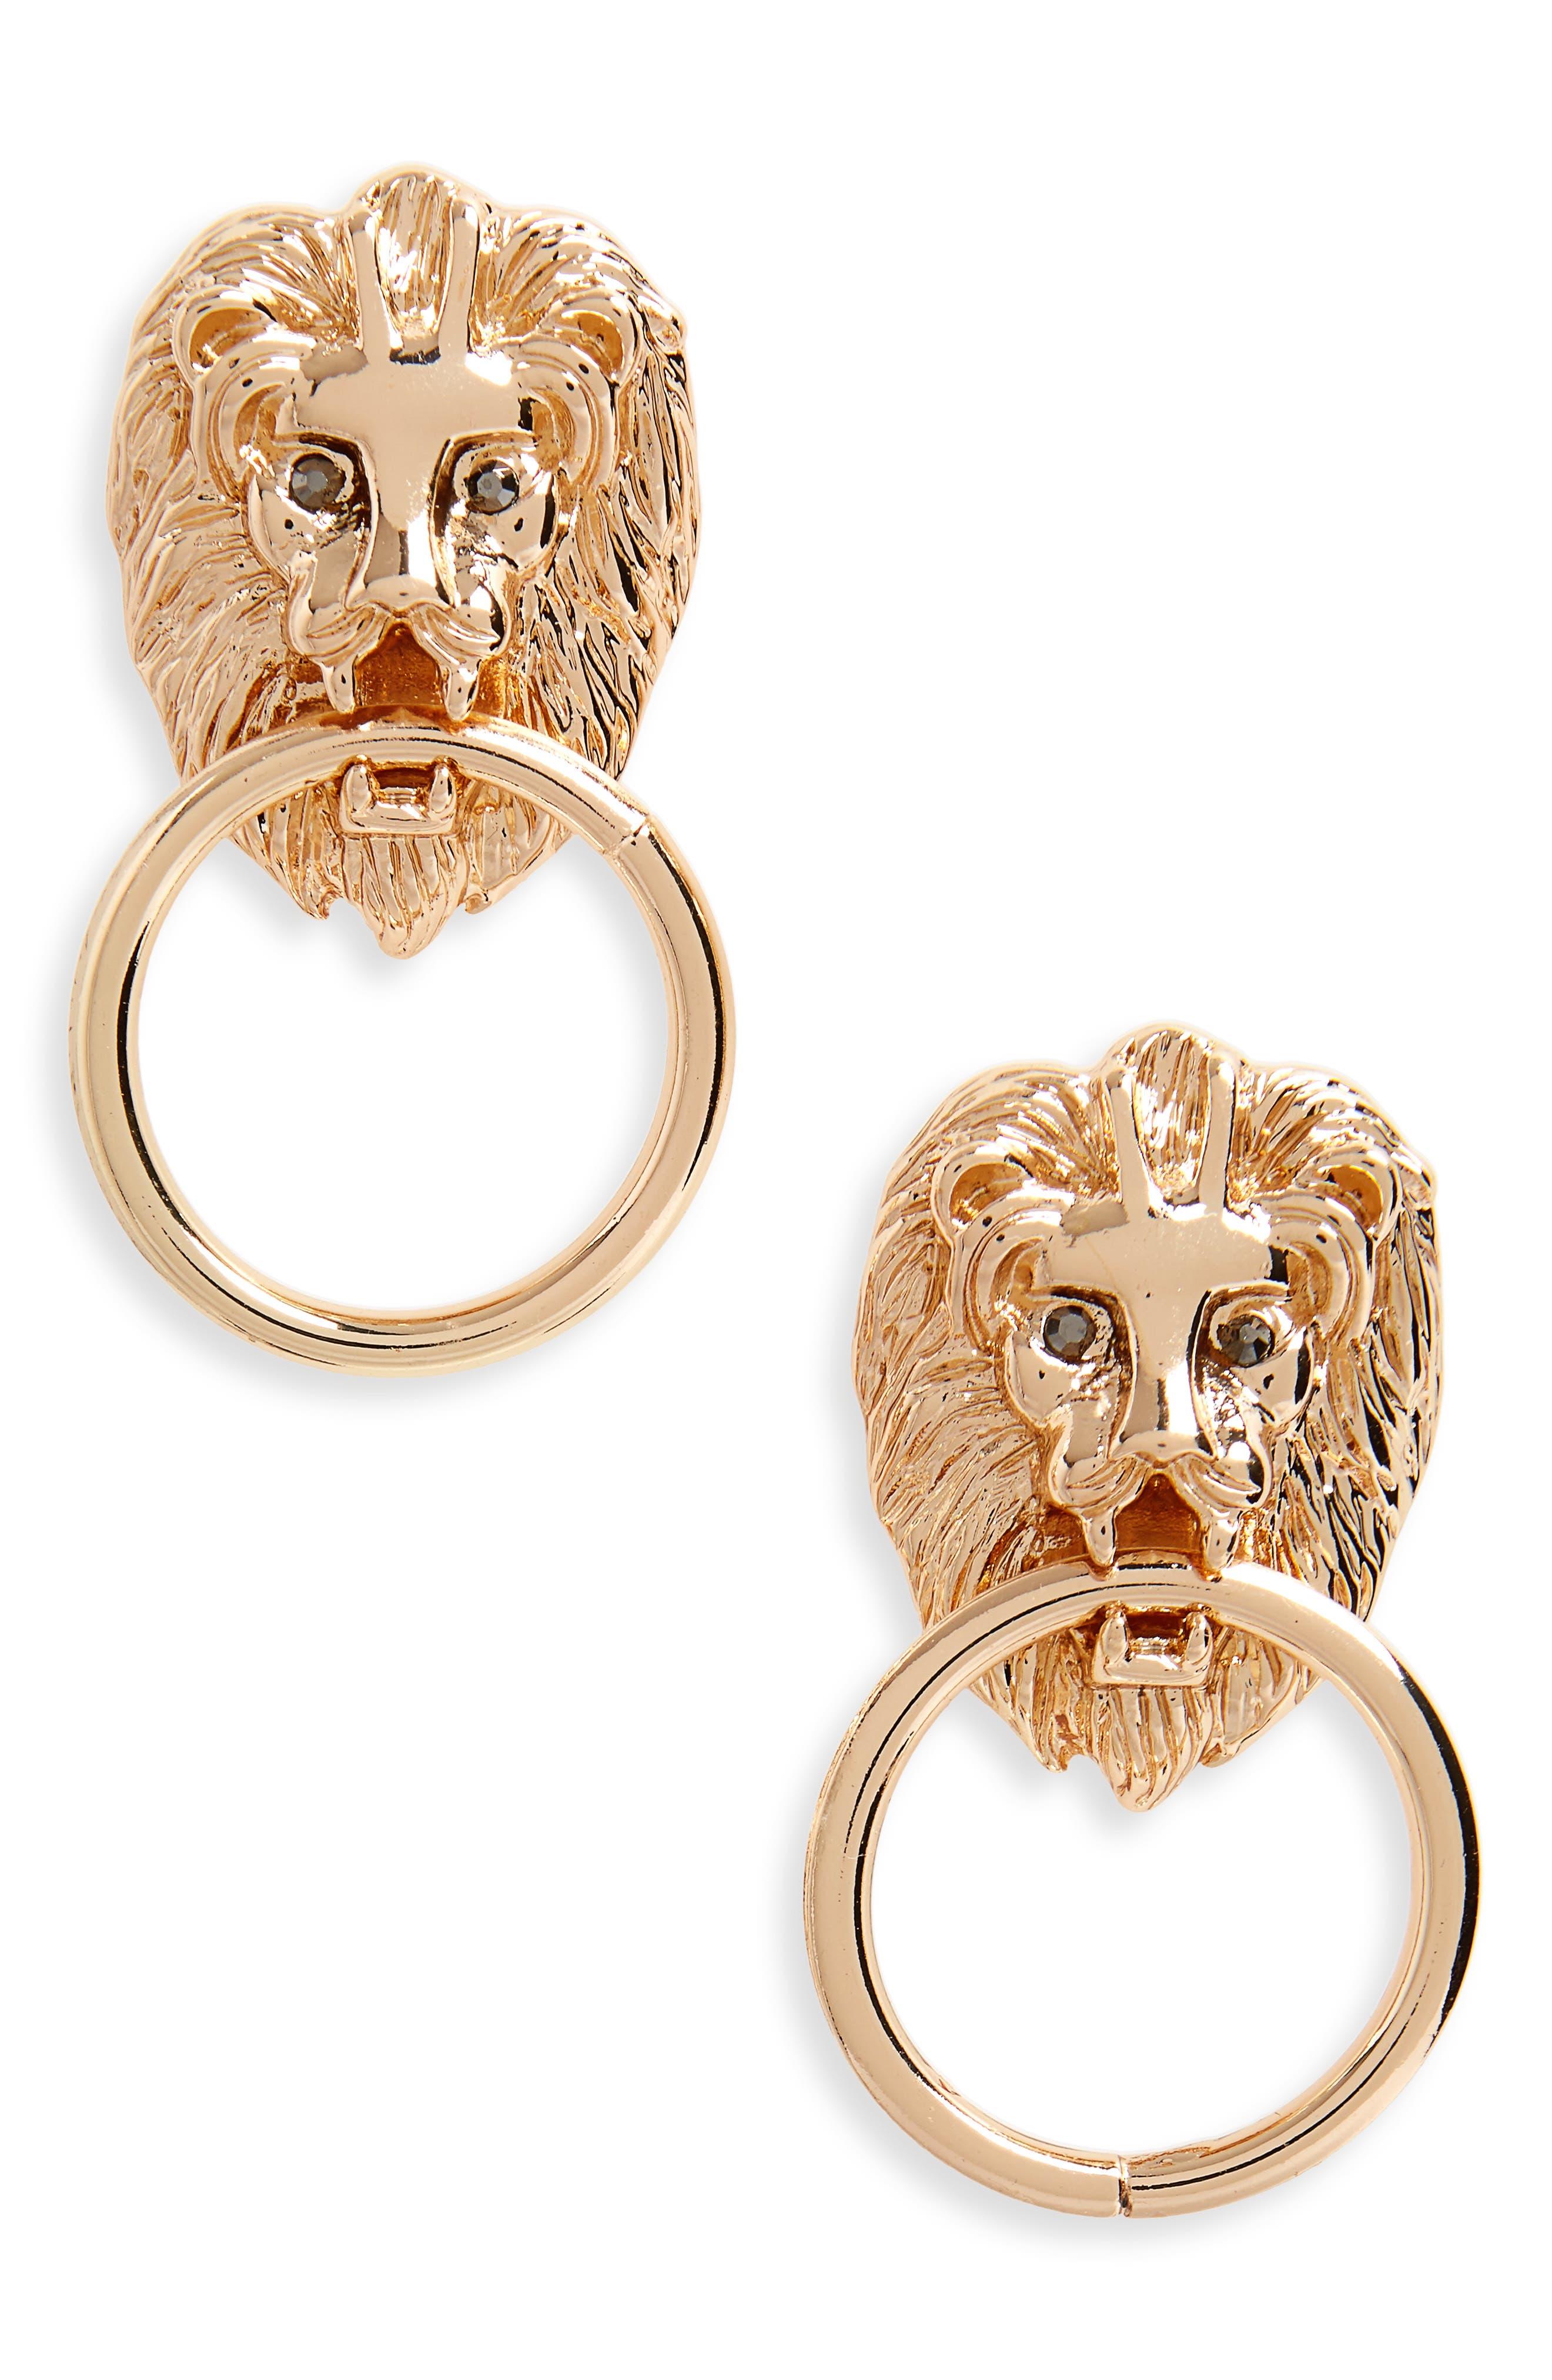 Main Image - Kitsch Crystal Lion Doorknocker Earrings